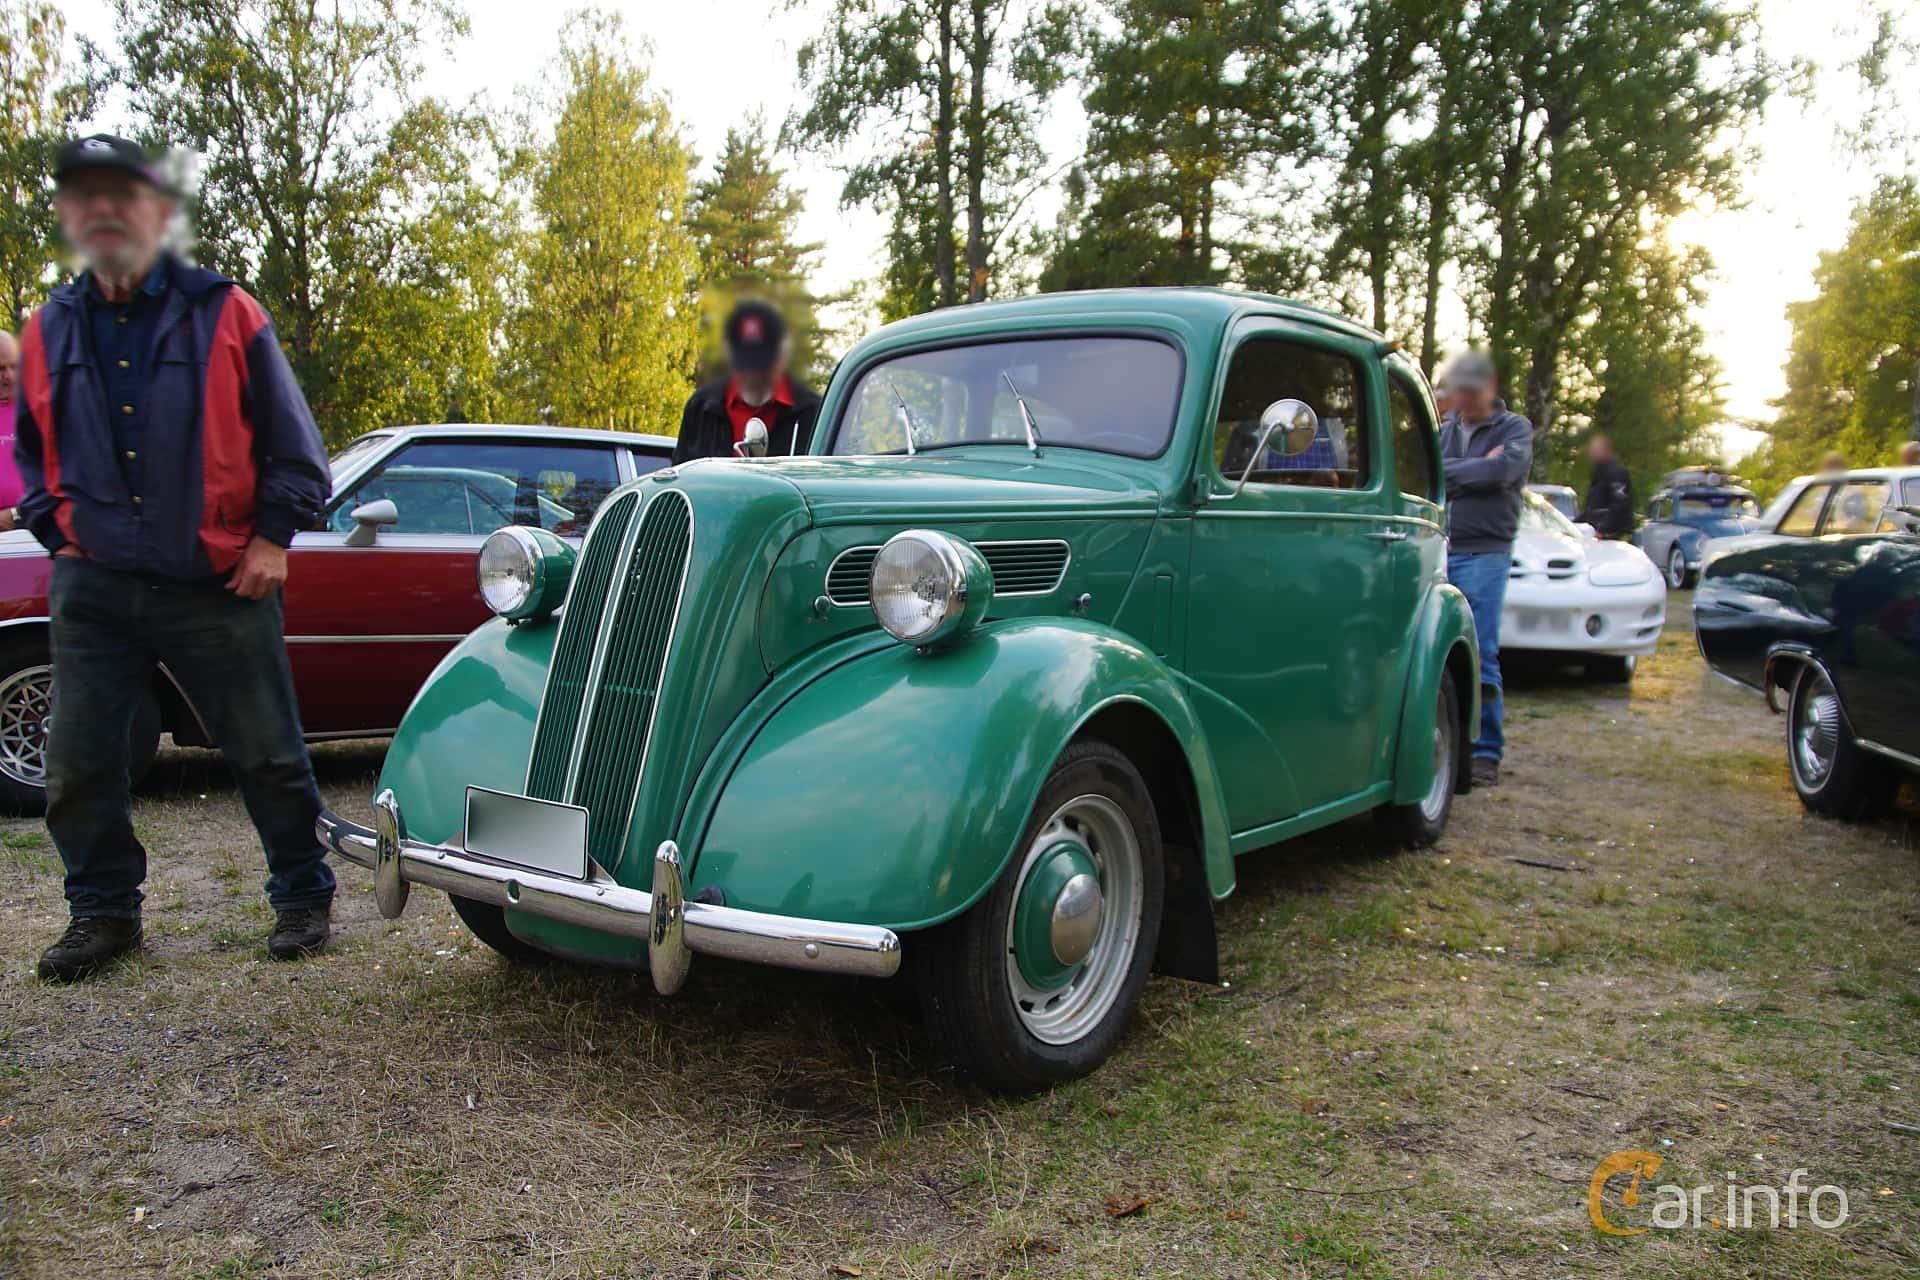 Ford Anglia 1.2 Manual, 30hp, 1950 at Onsdagsträffar på Gammlia Umeå v.35 / 2018